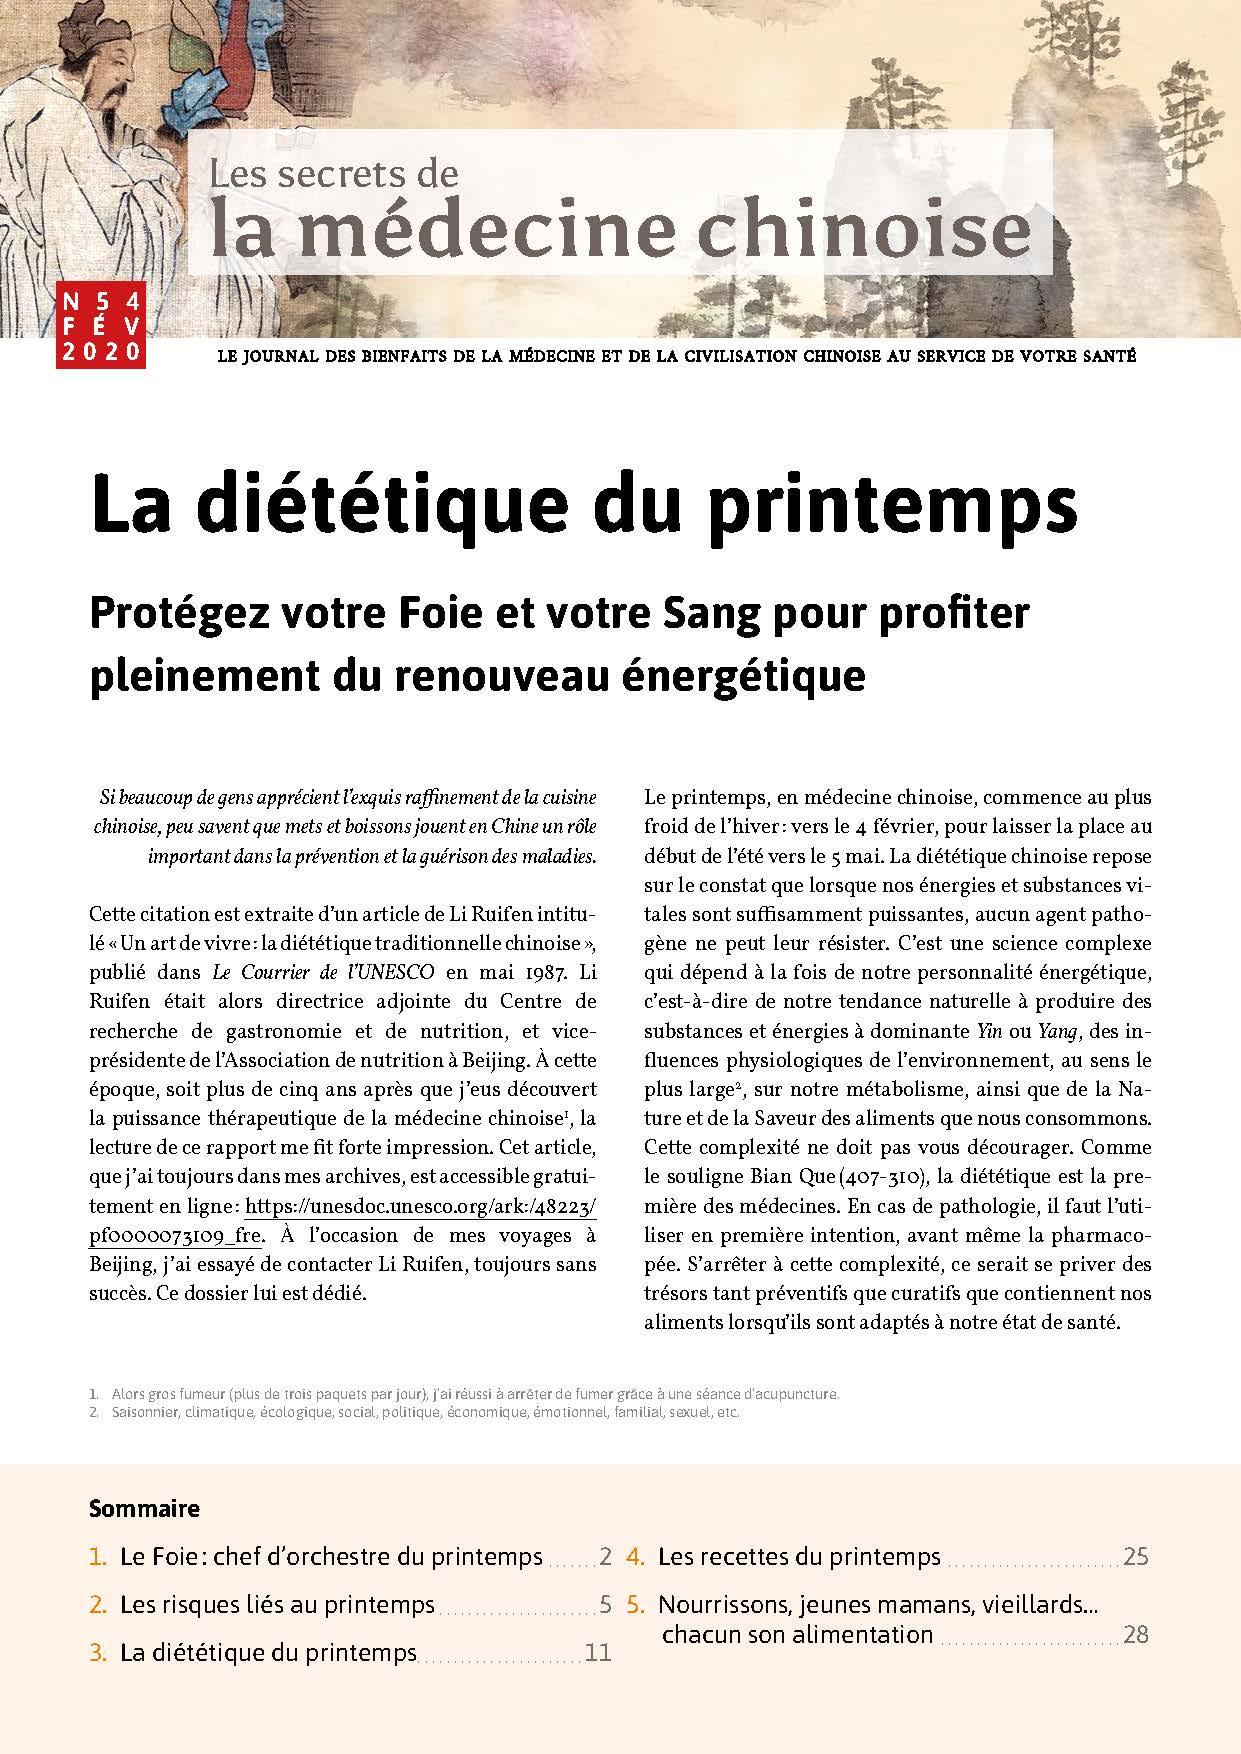 54-Fevrier-2020-La-dietetique-du-printemps-SD 1 jpg